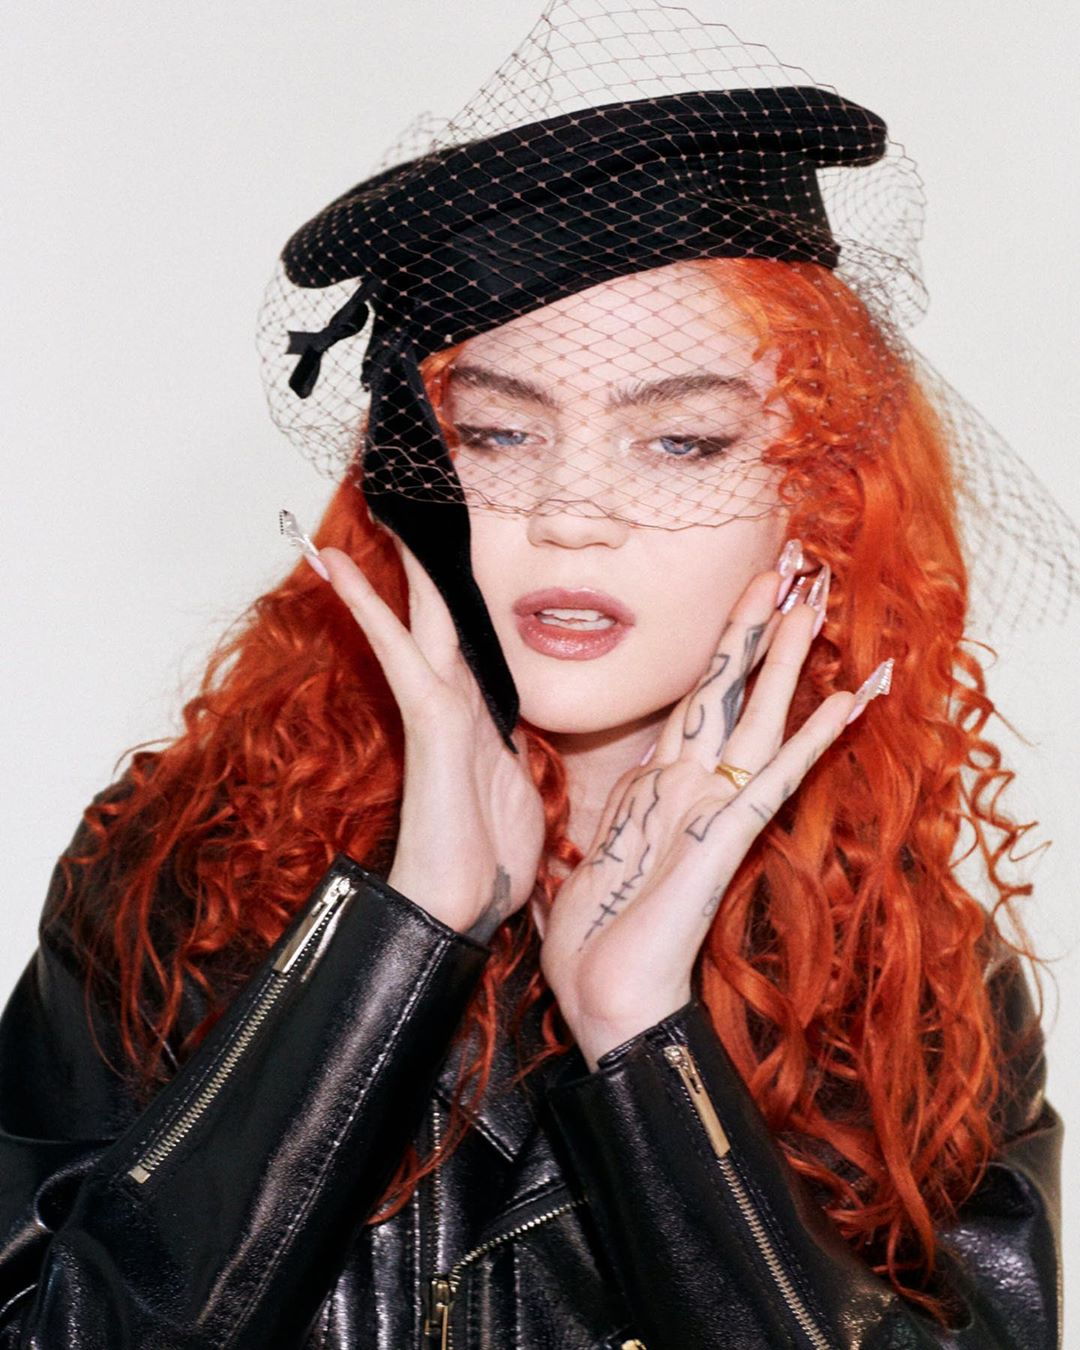 Las cinco frases más controversiales de la entrevista de Grimes con Lana Del Rey y Brit Marling